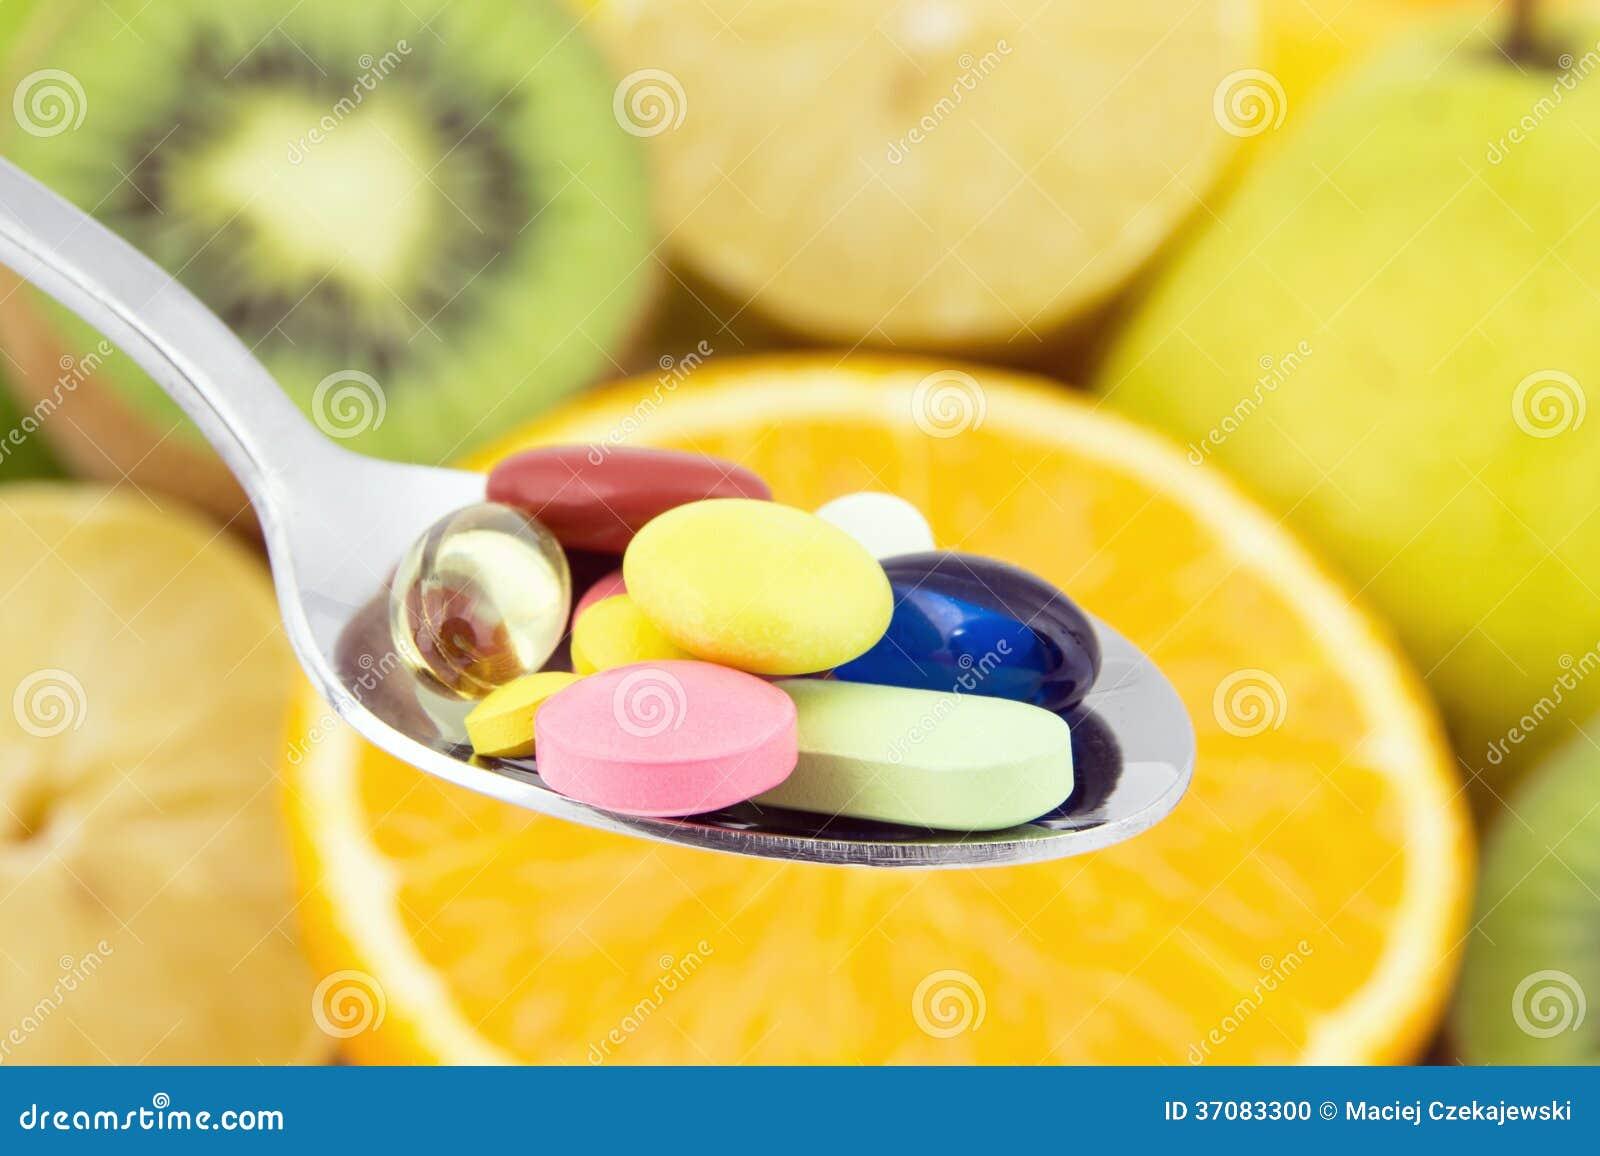 Download Łyżkowy Pełny Kolorowe Pigułki Zdjęcie Stock - Obraz złożonej z świeży, medycyna: 37083300